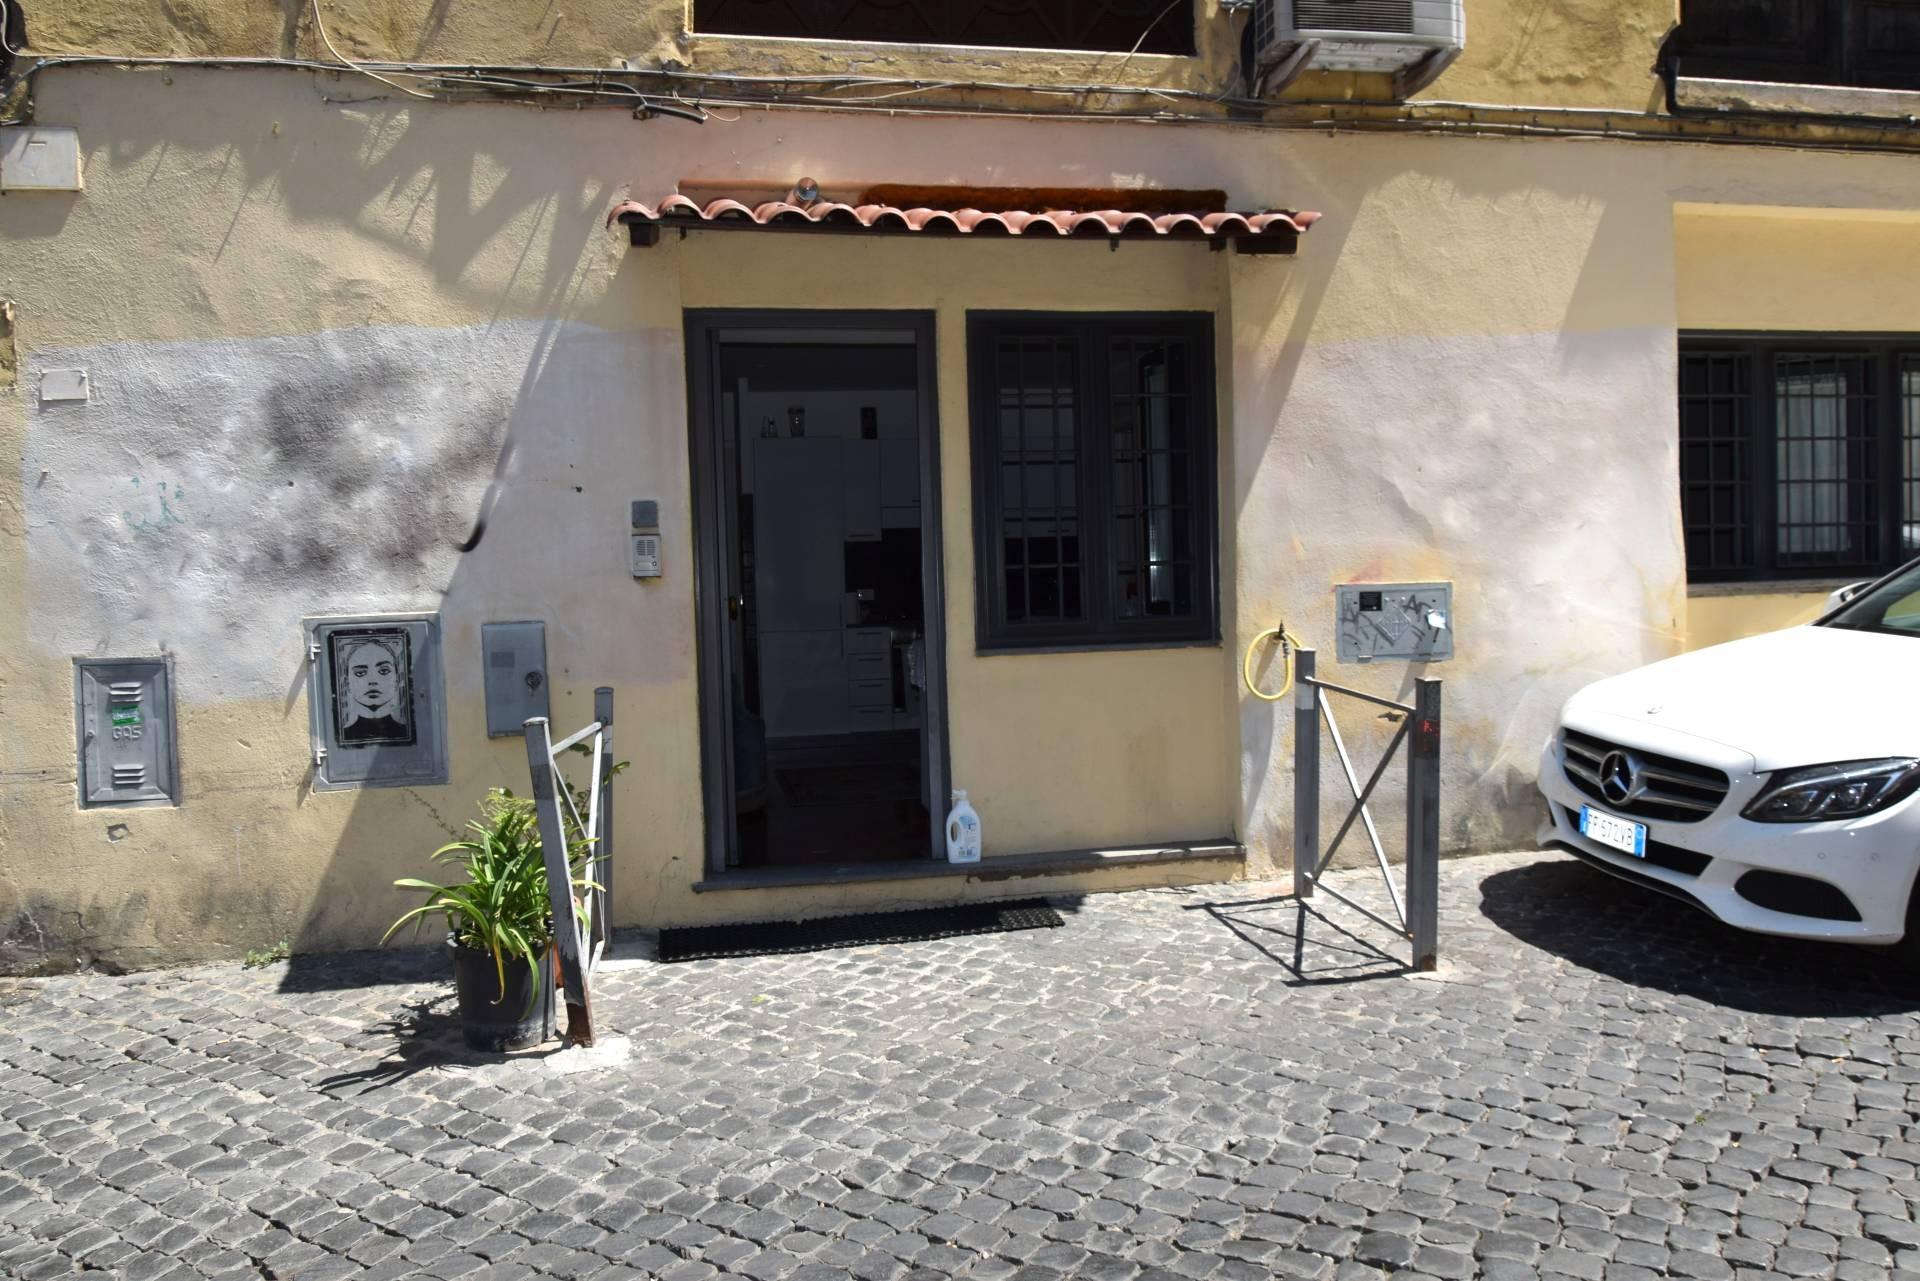 Soluzione Indipendente in vendita a Roma, 2 locali, zona Zona: 25 . Trastevere - Testaccio, prezzo € 170.000 | CambioCasa.it